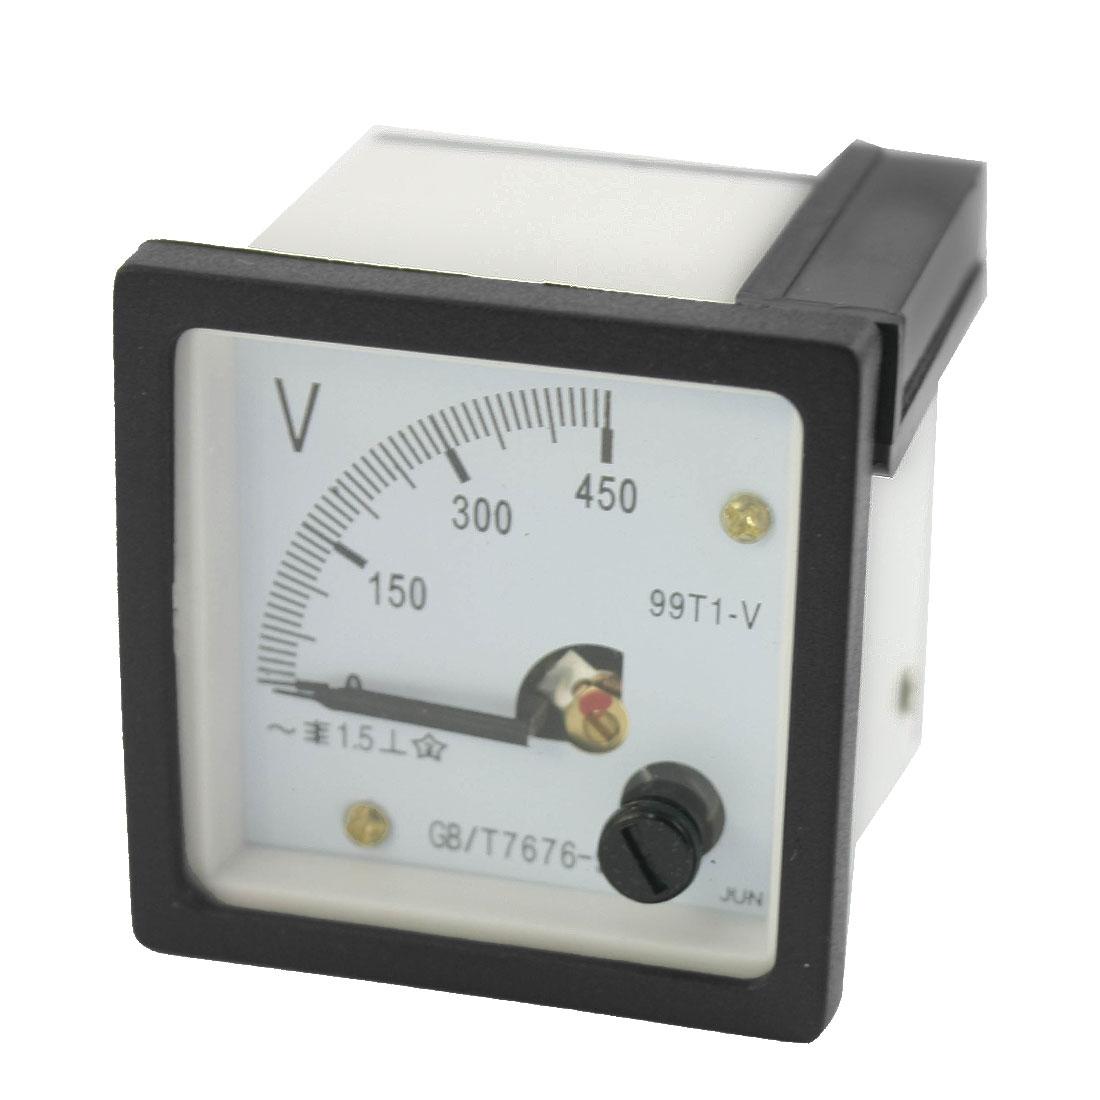 AC 0-450V Class 1.5 Square Analog Volt Panel Mount Meter Gauge